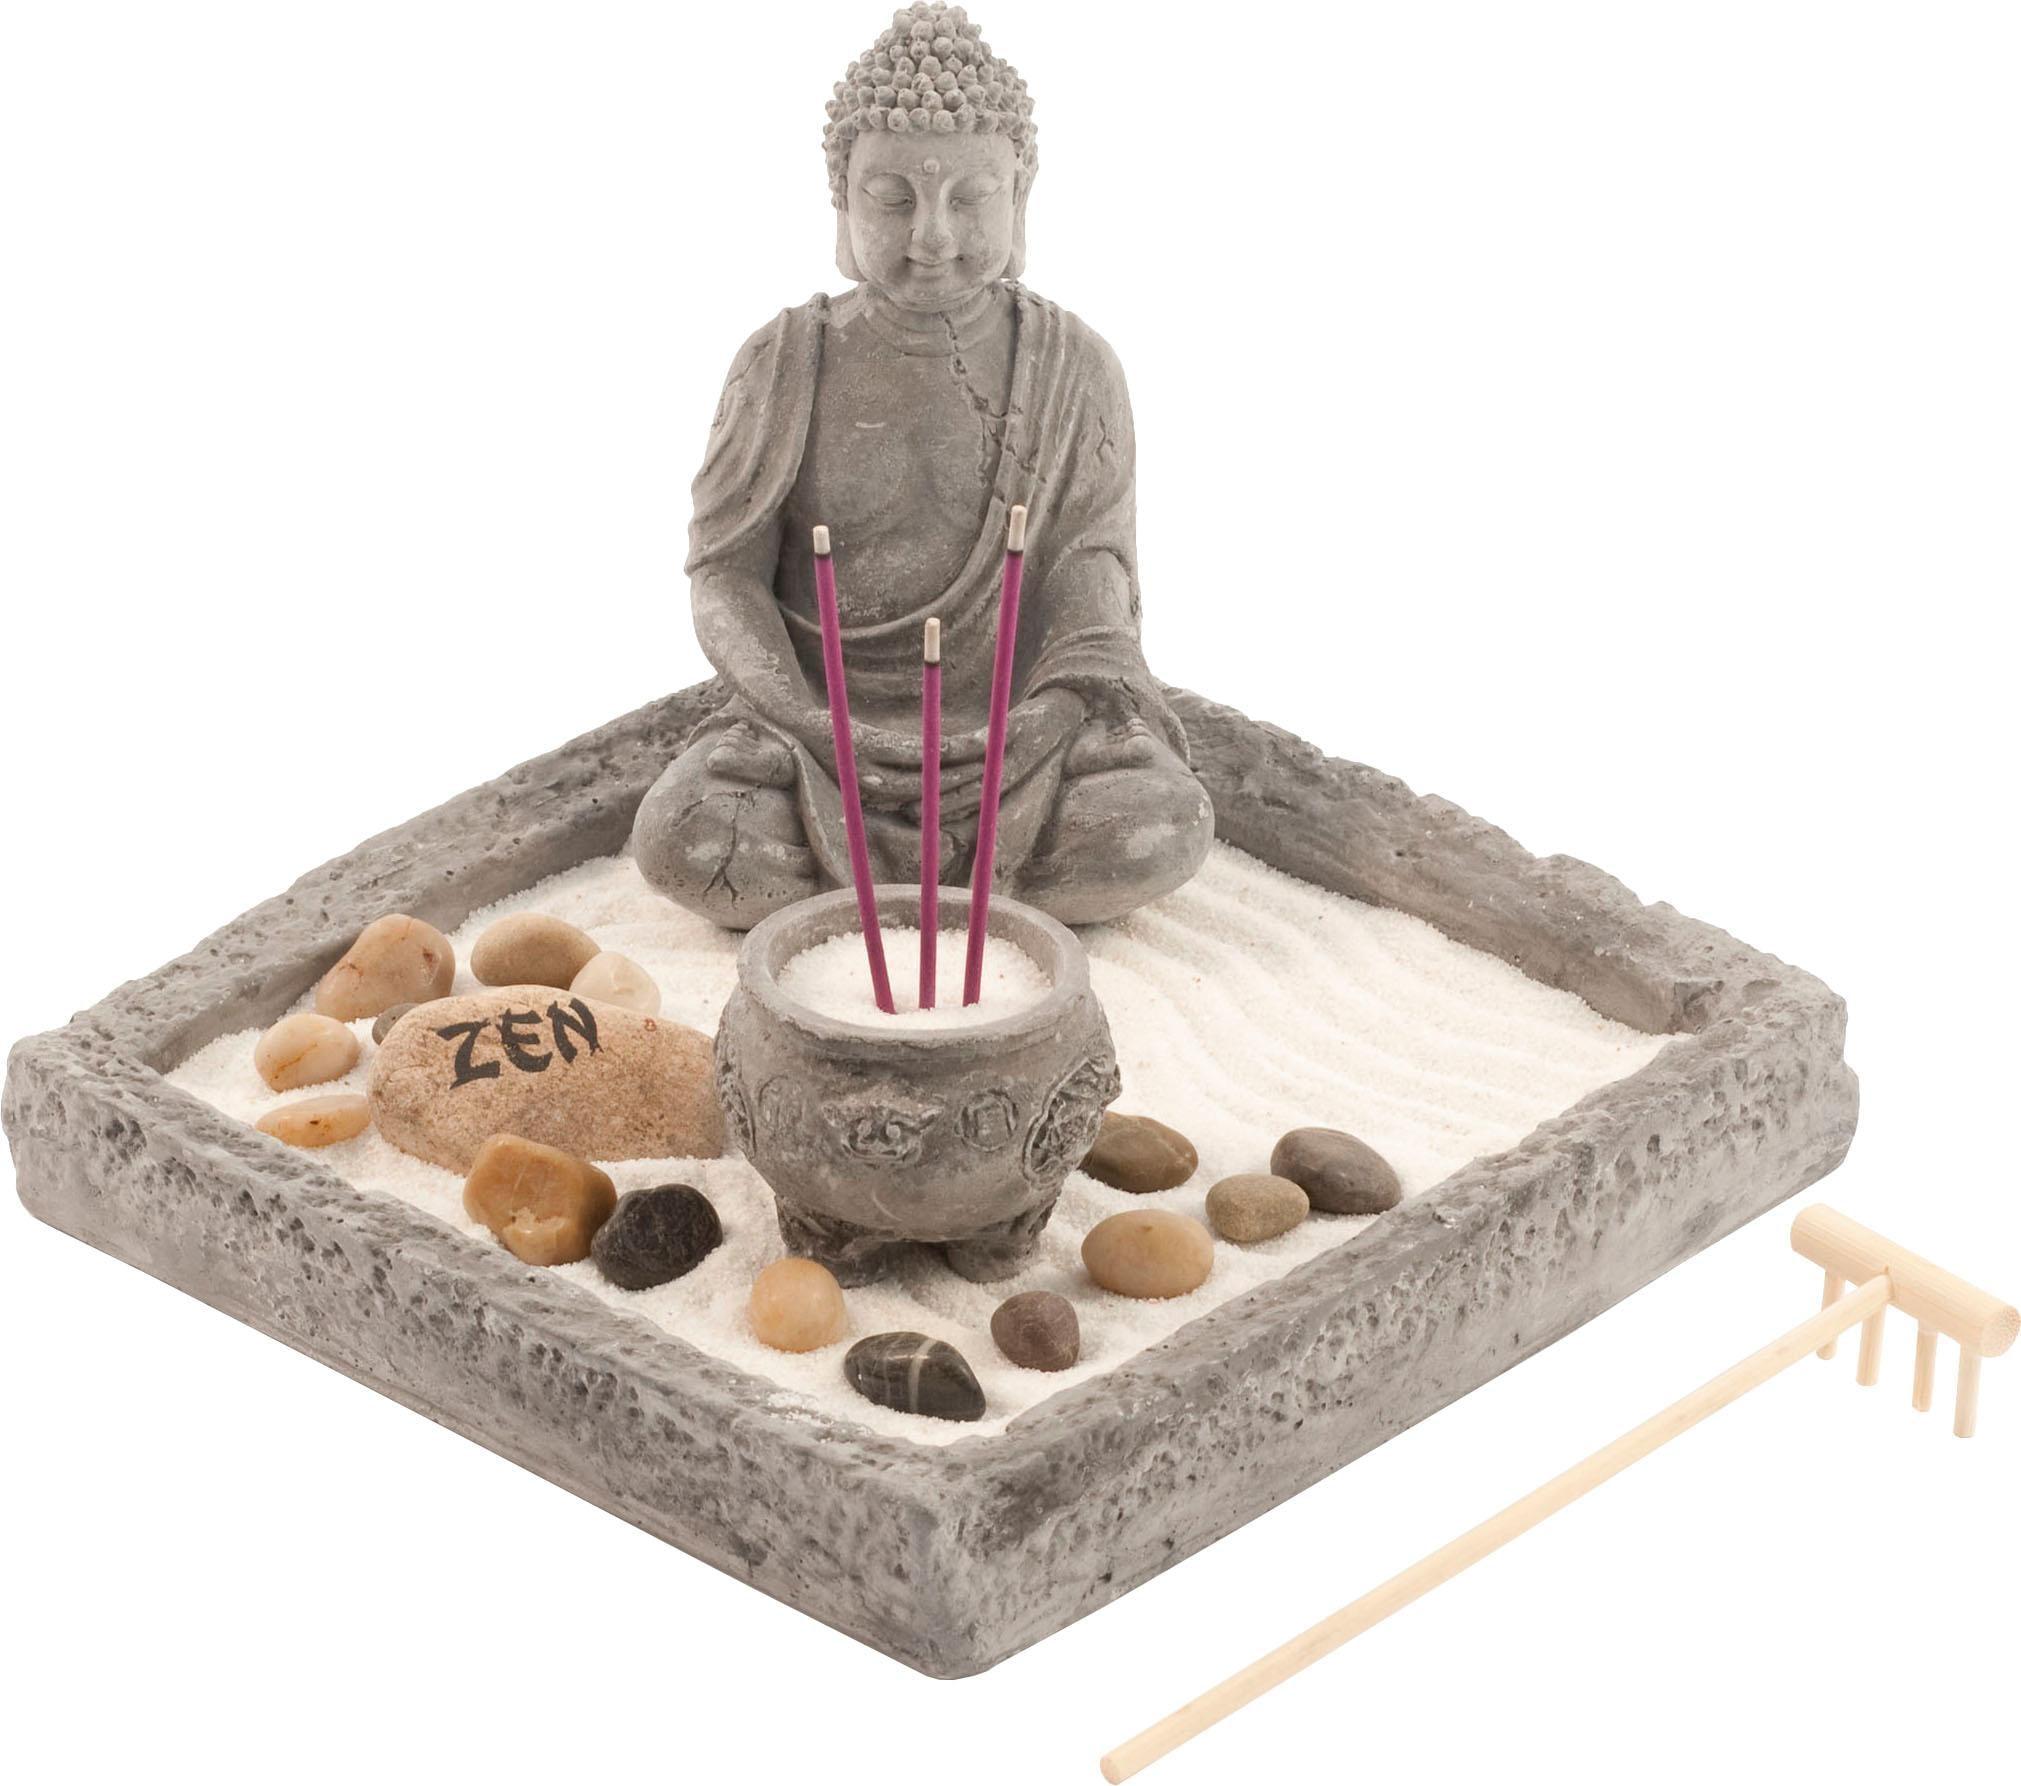 Home affaire Buddhafigur Buddha Wohnen/Accessoires & Leuchten/Wohnaccessoires/Figuren & Skulpturen/Weitere Figuren & Skulpturen